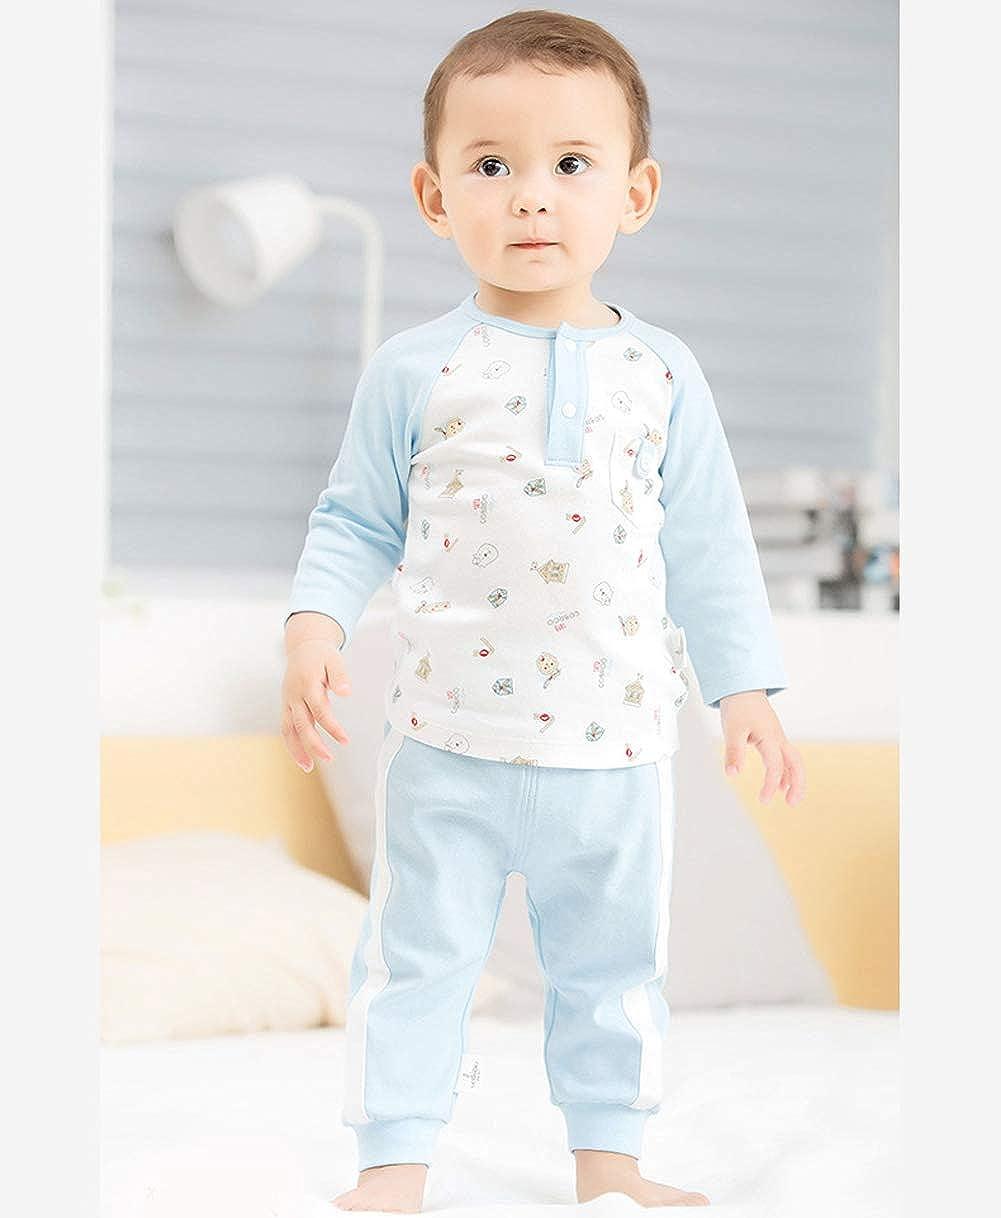 COBROO Newborn Baby Boy Romper Bodysuit Striped Pattern Cotton Summer Button Design Unisex Baby Clothes Onesies 0-3-6 Month